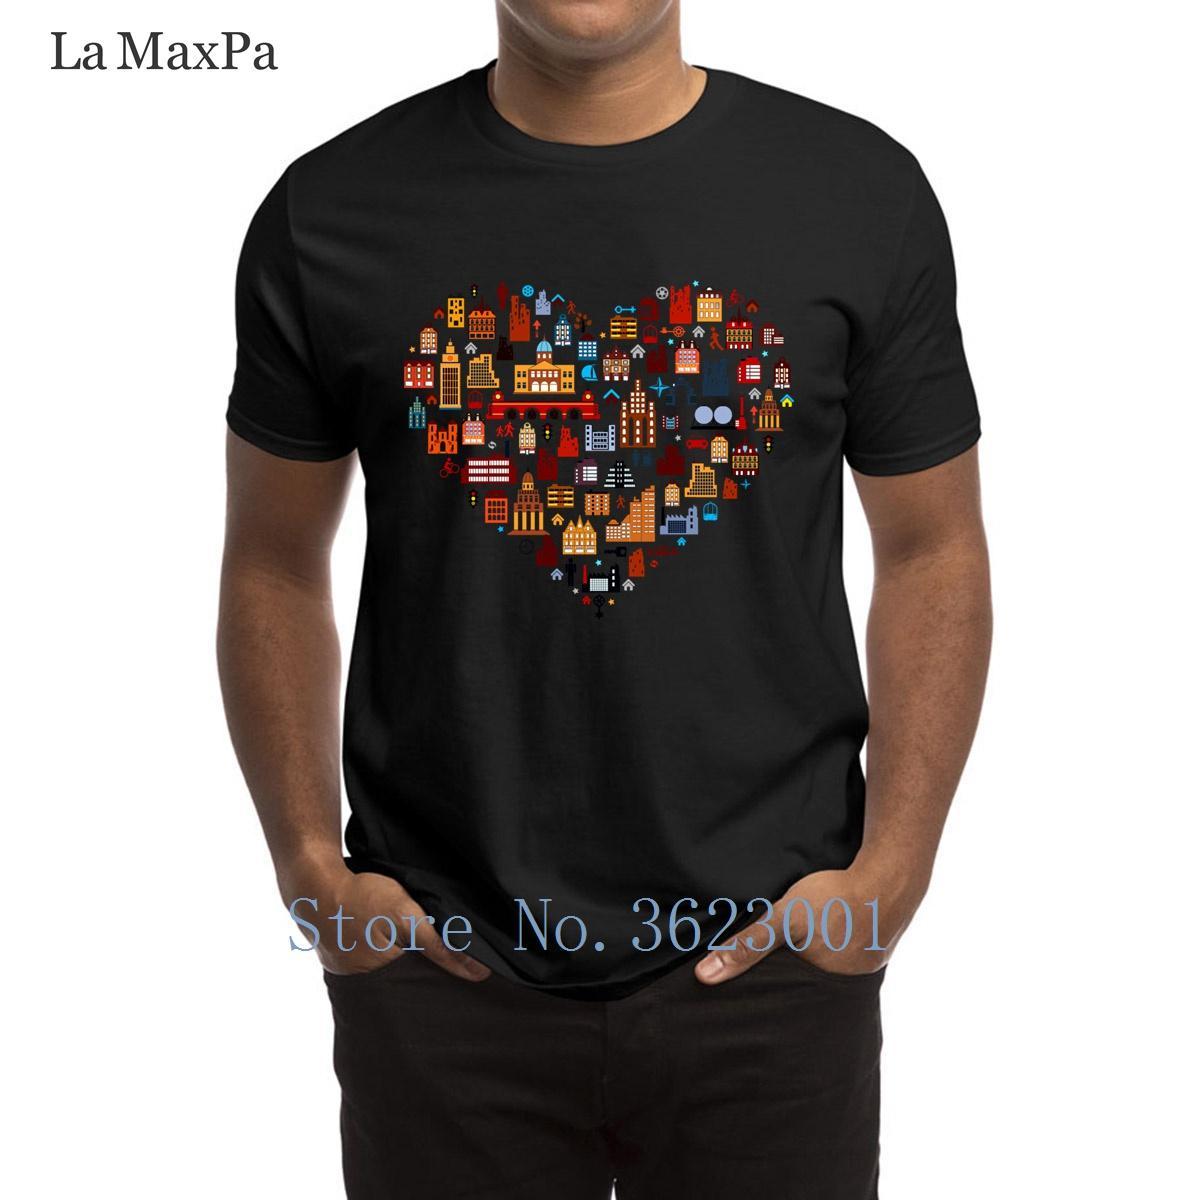 Erkek Üst Kalite İçin Tasarımcı Yenilikçi Erkekler Tişörtlü Birçok Evler Erkek Tişört sloganı Sunlight Tişört Güzel Artı boyutu Tee Gömlek